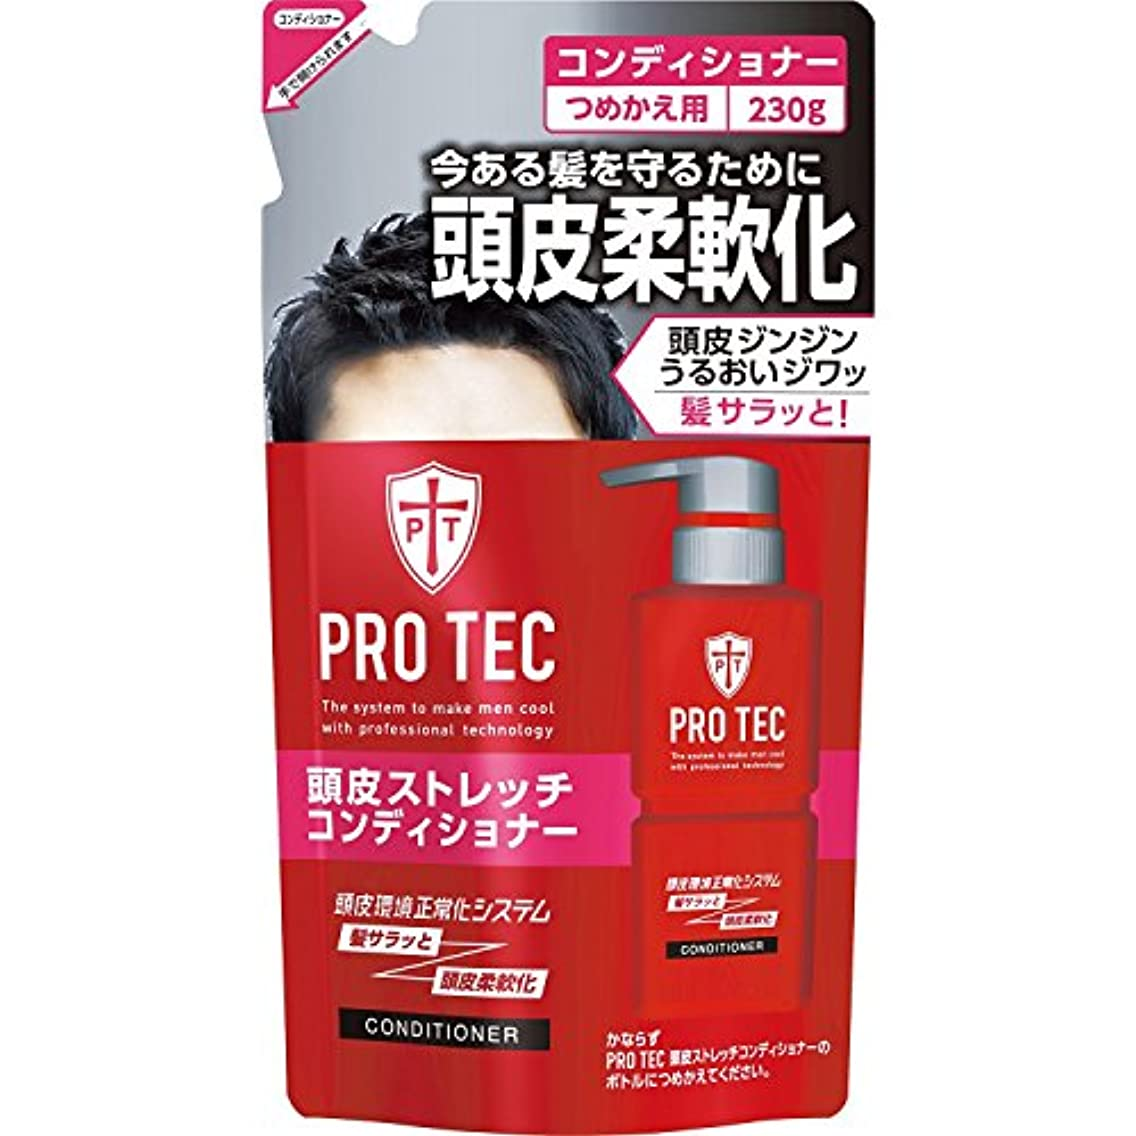 倫理ささいな腹部PRO TEC(プロテク) 頭皮ストレッチコンディショナー つめかえ用 230g ×20個セット